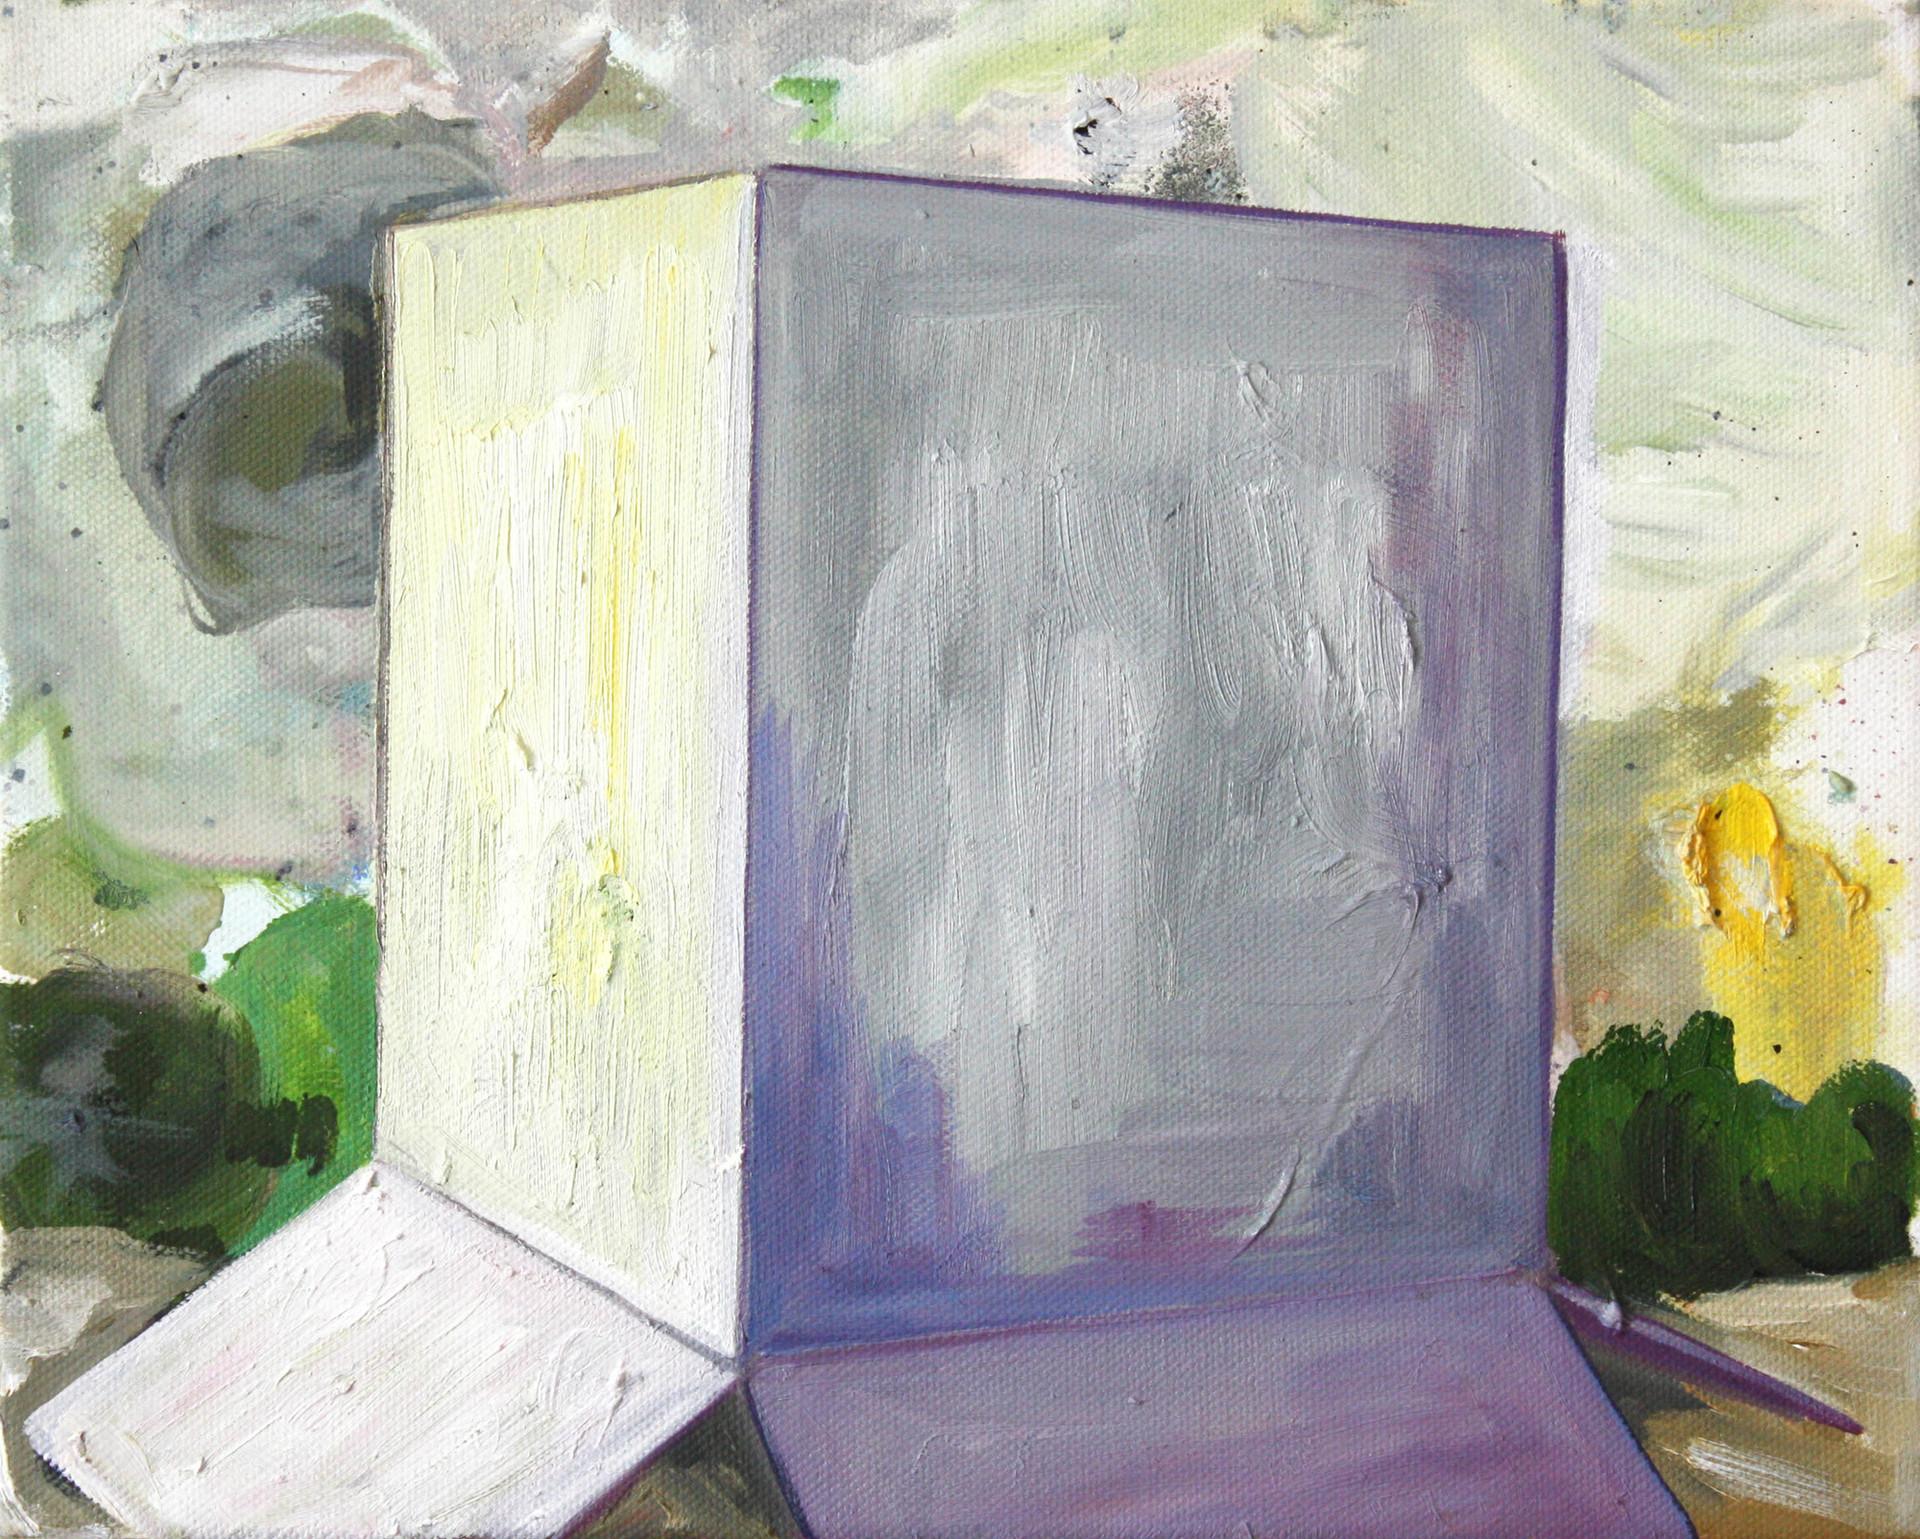 schachtel #11 - 2012 - öl auf leinwand - 29 x 35 cm